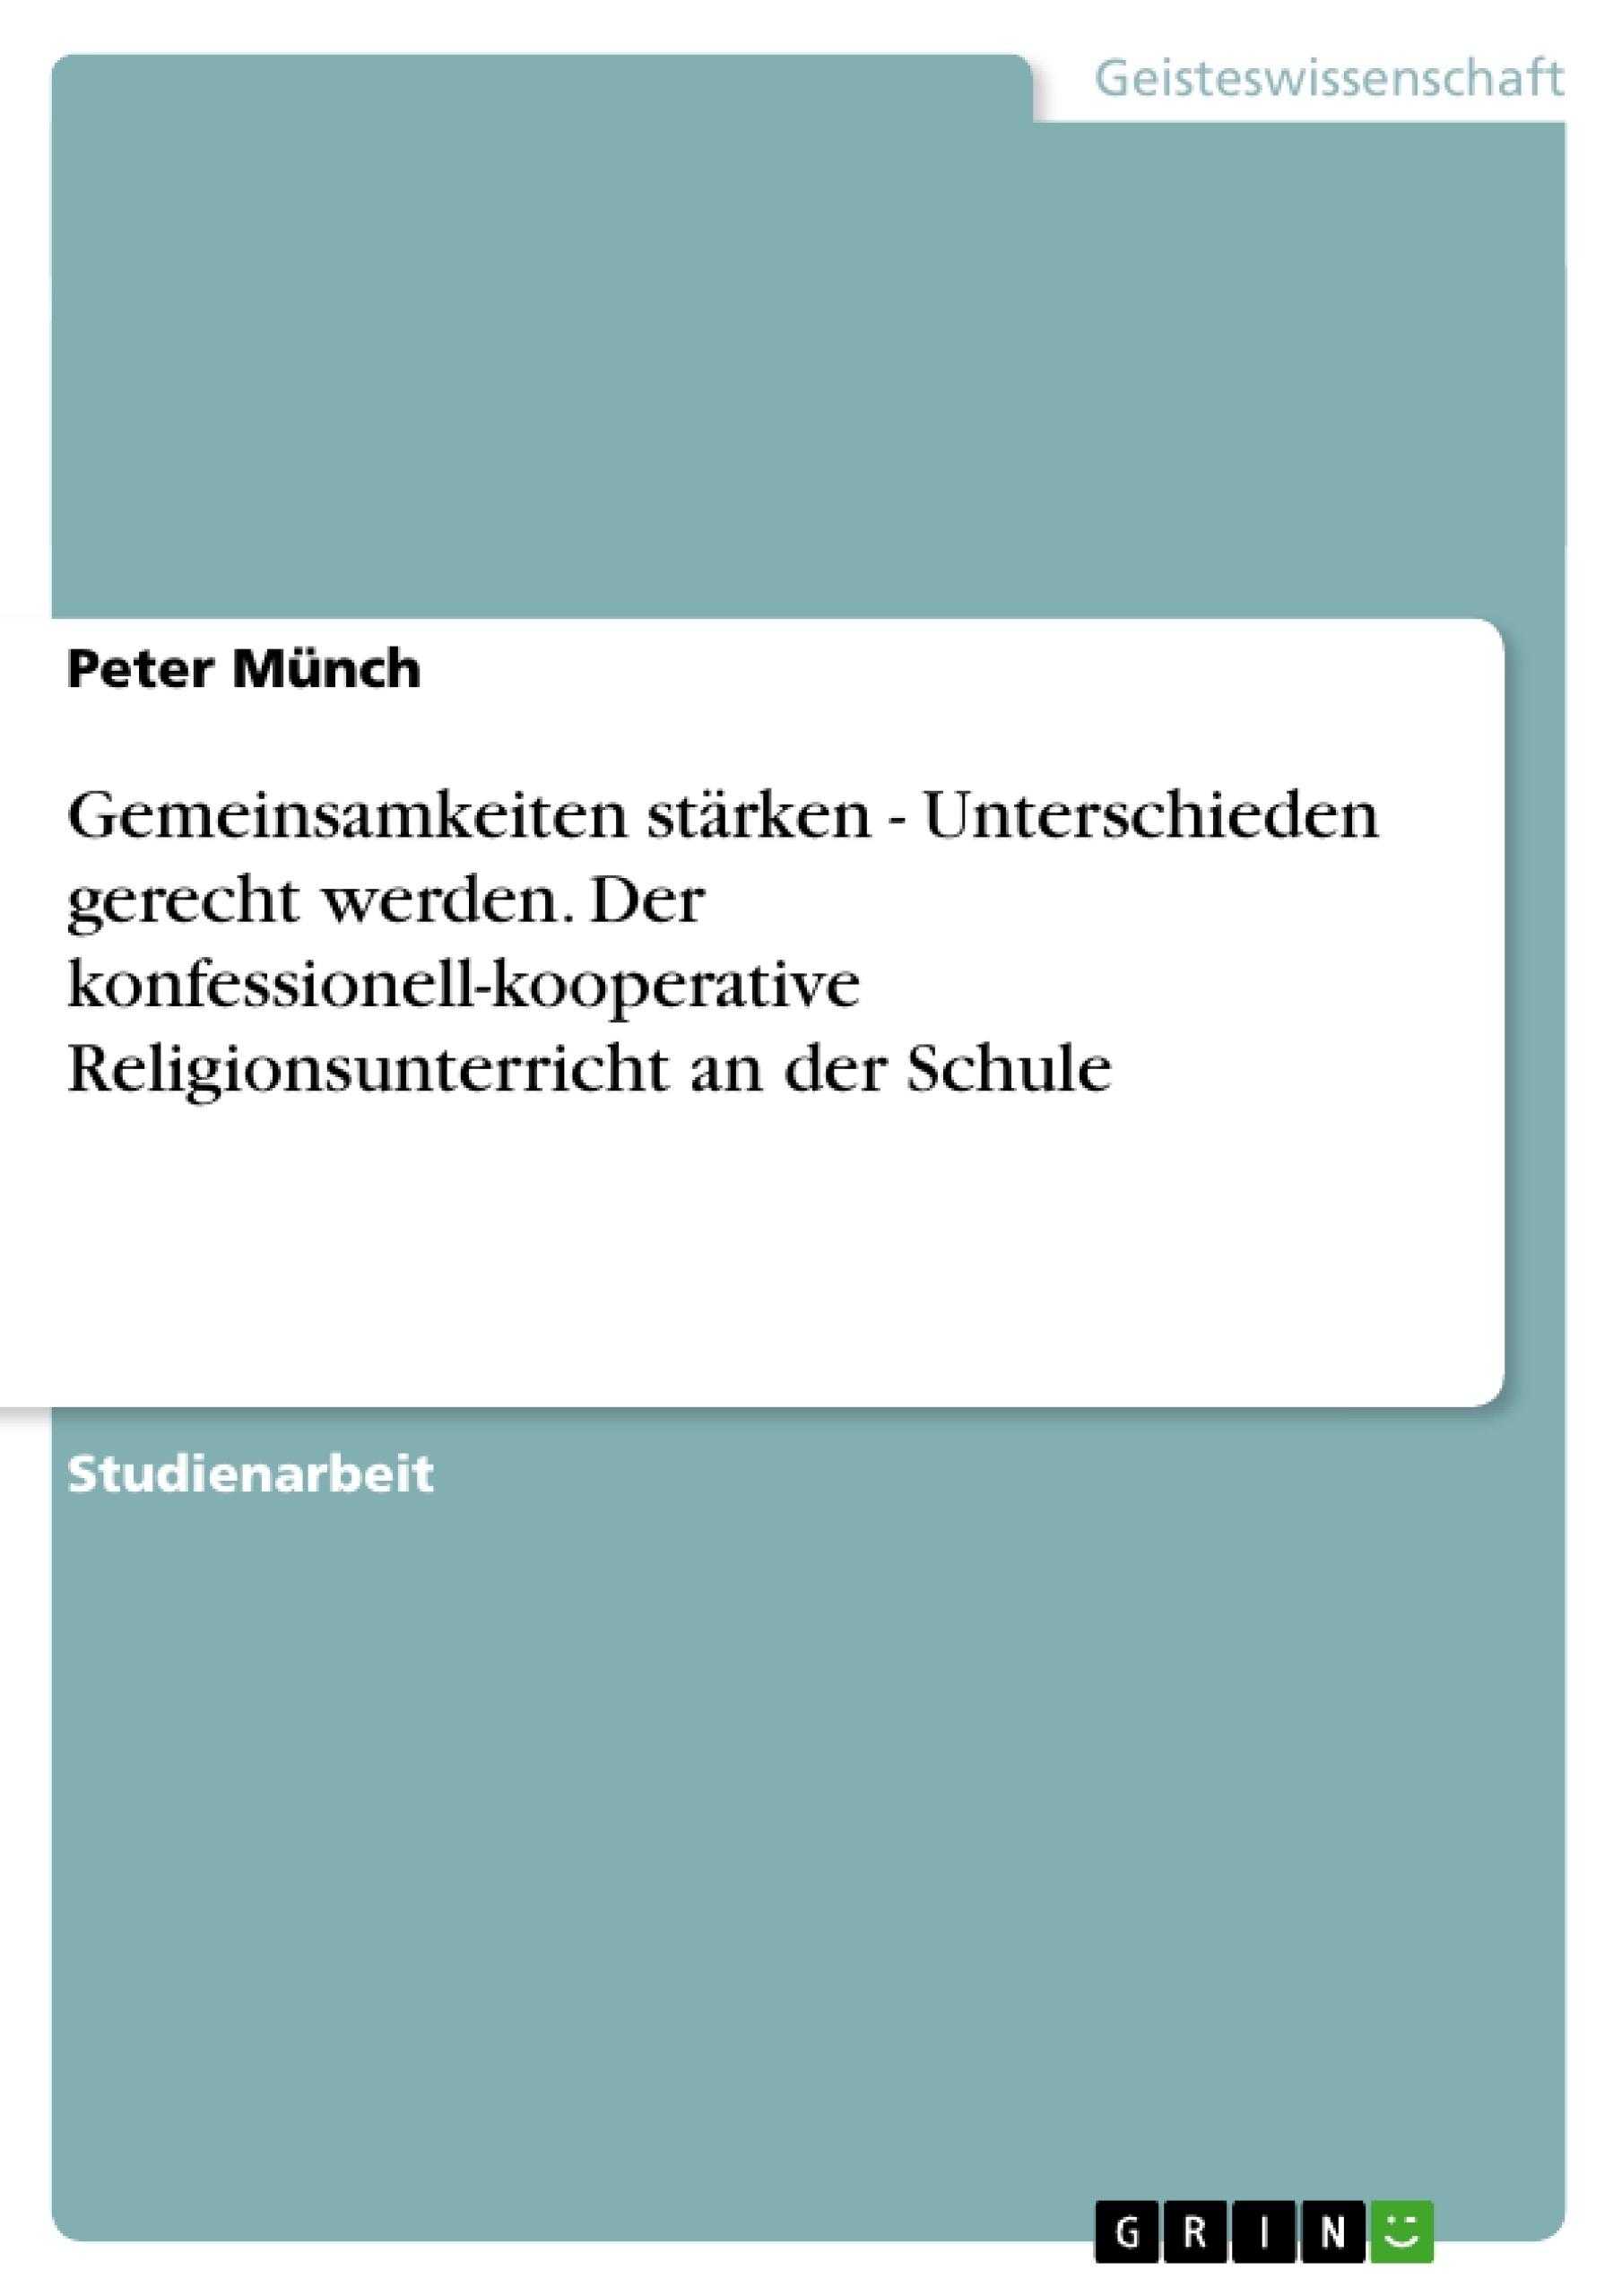 Titel: Gemeinsamkeiten stärken - Unterschieden gerecht werden. Der konfessionell-kooperative Religionsunterricht an der Schule